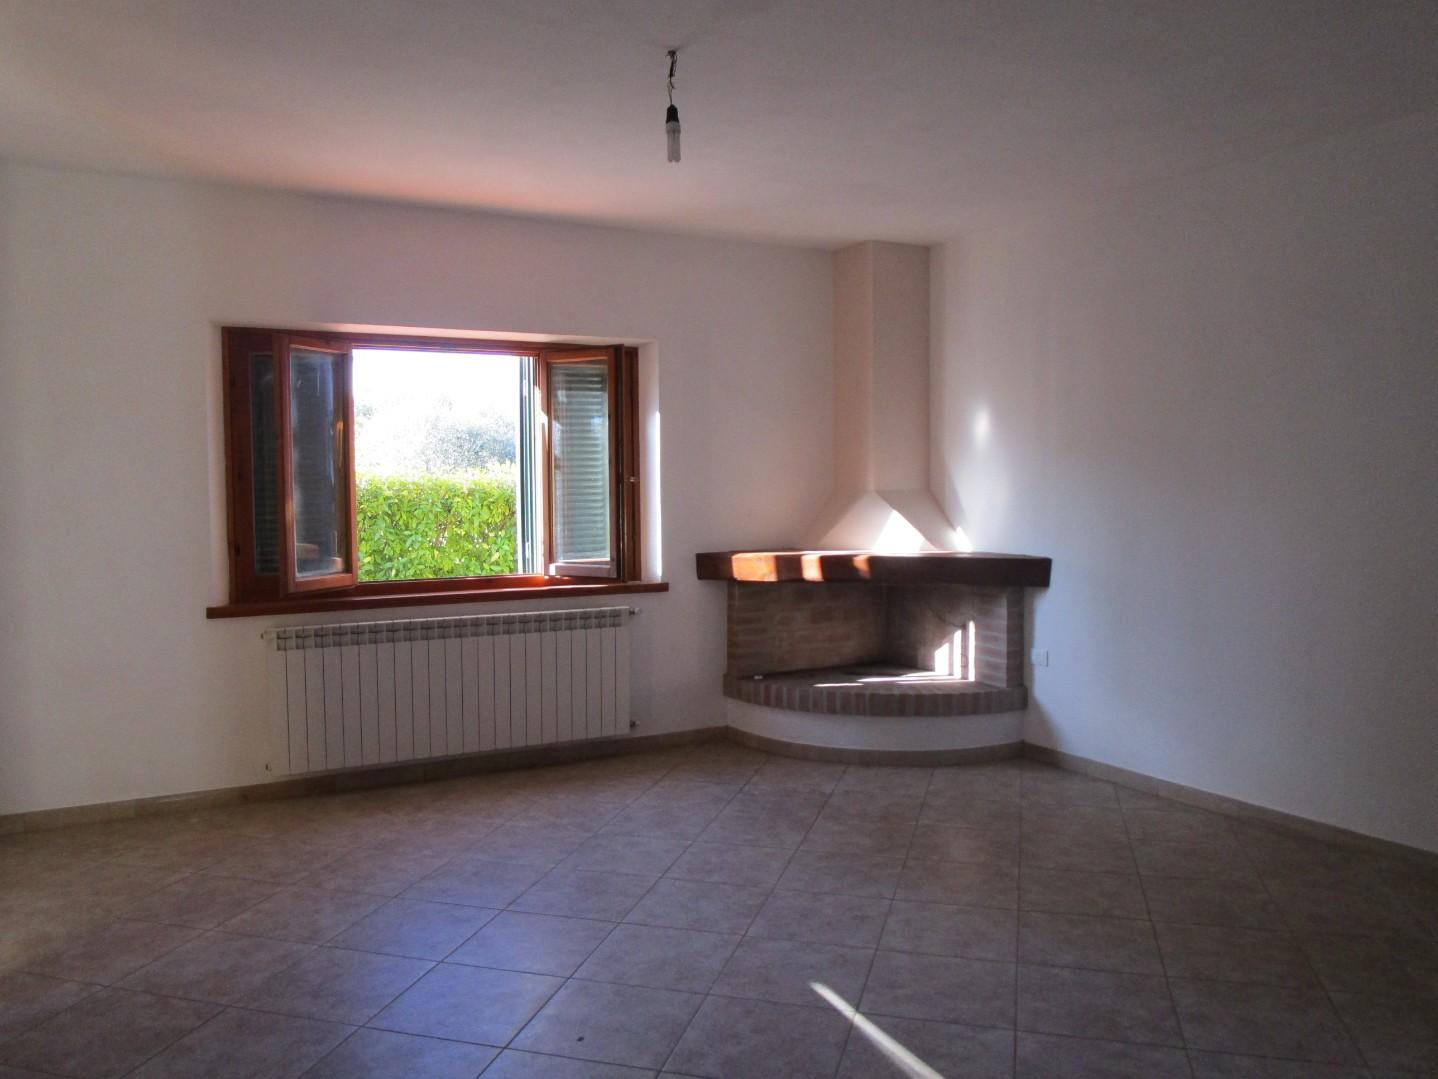 Appartamento in vendita a Fucecchio, 3 locali, prezzo € 187.000 | CambioCasa.it